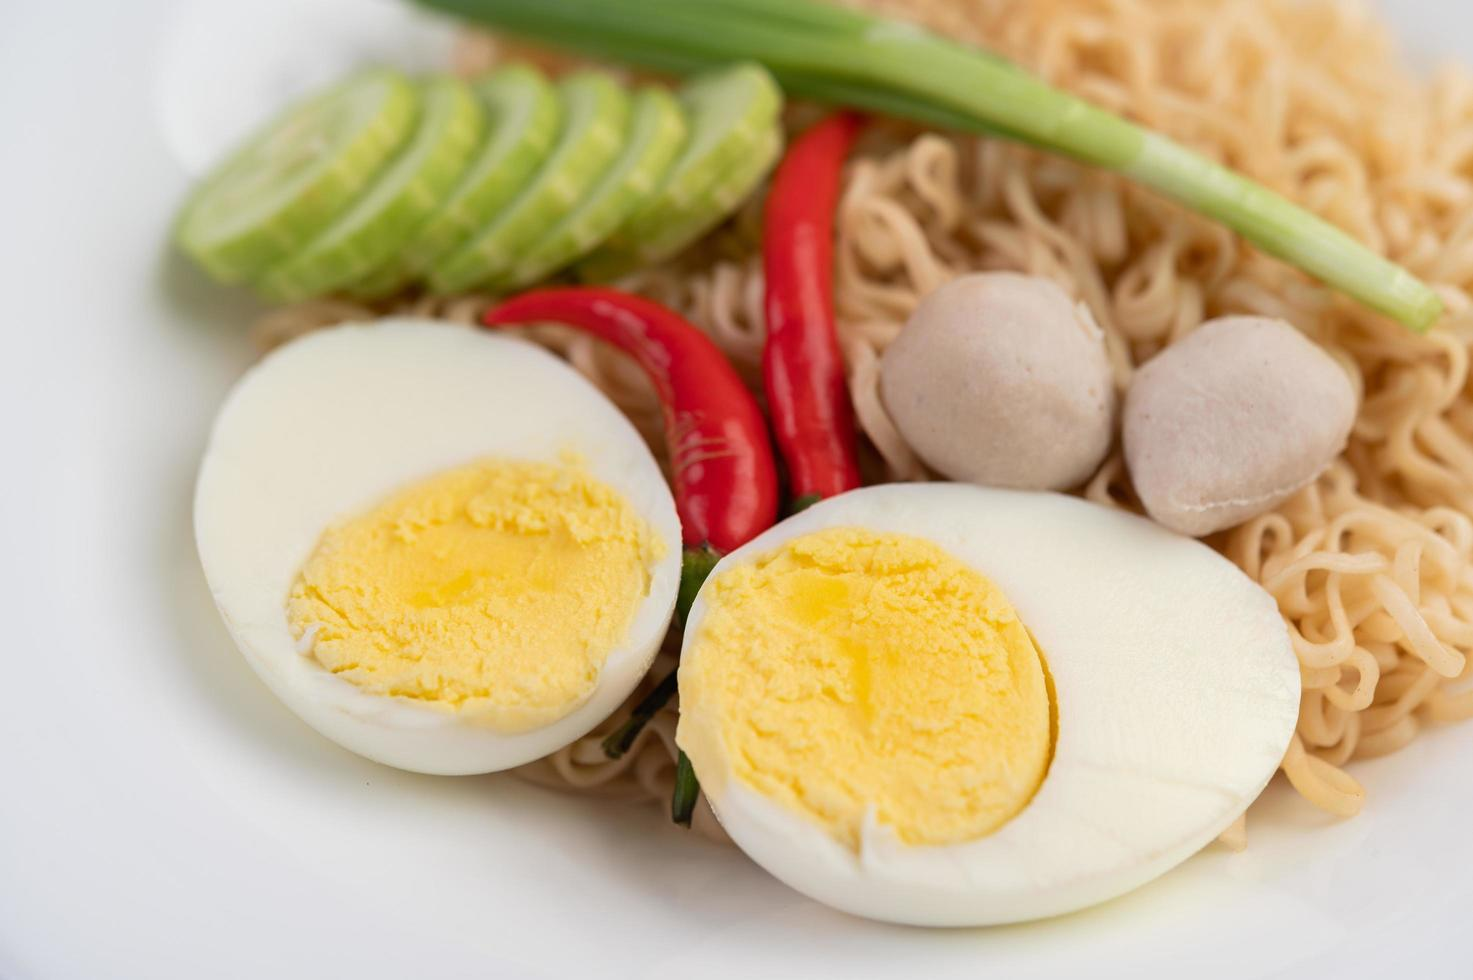 fideos con huevos cocidos y verduras foto